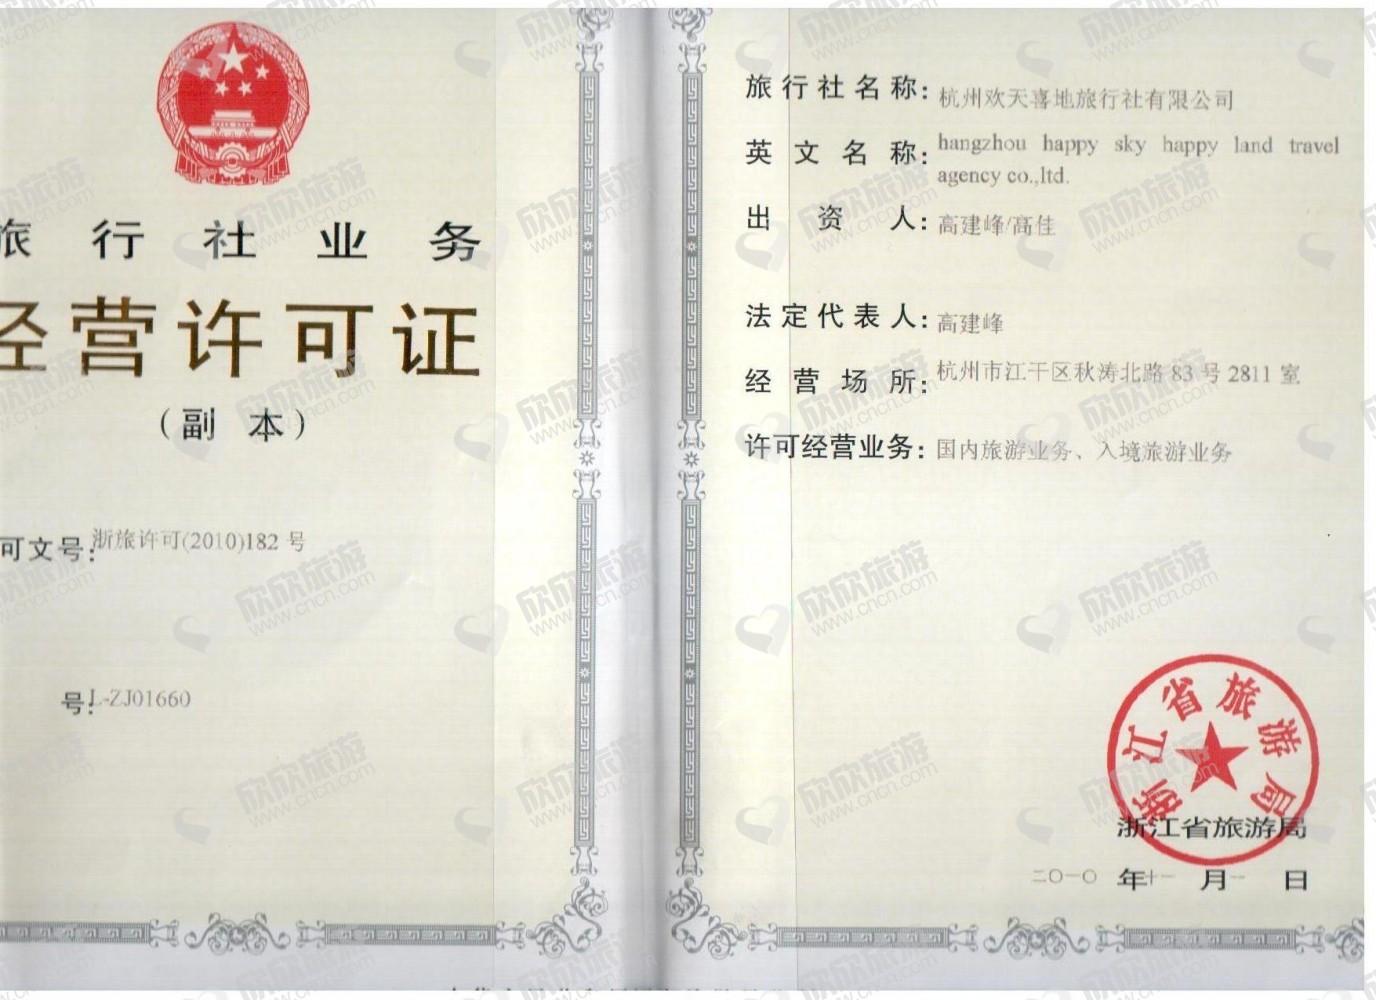 杭州欢天喜地旅行社有限公司经营许可证